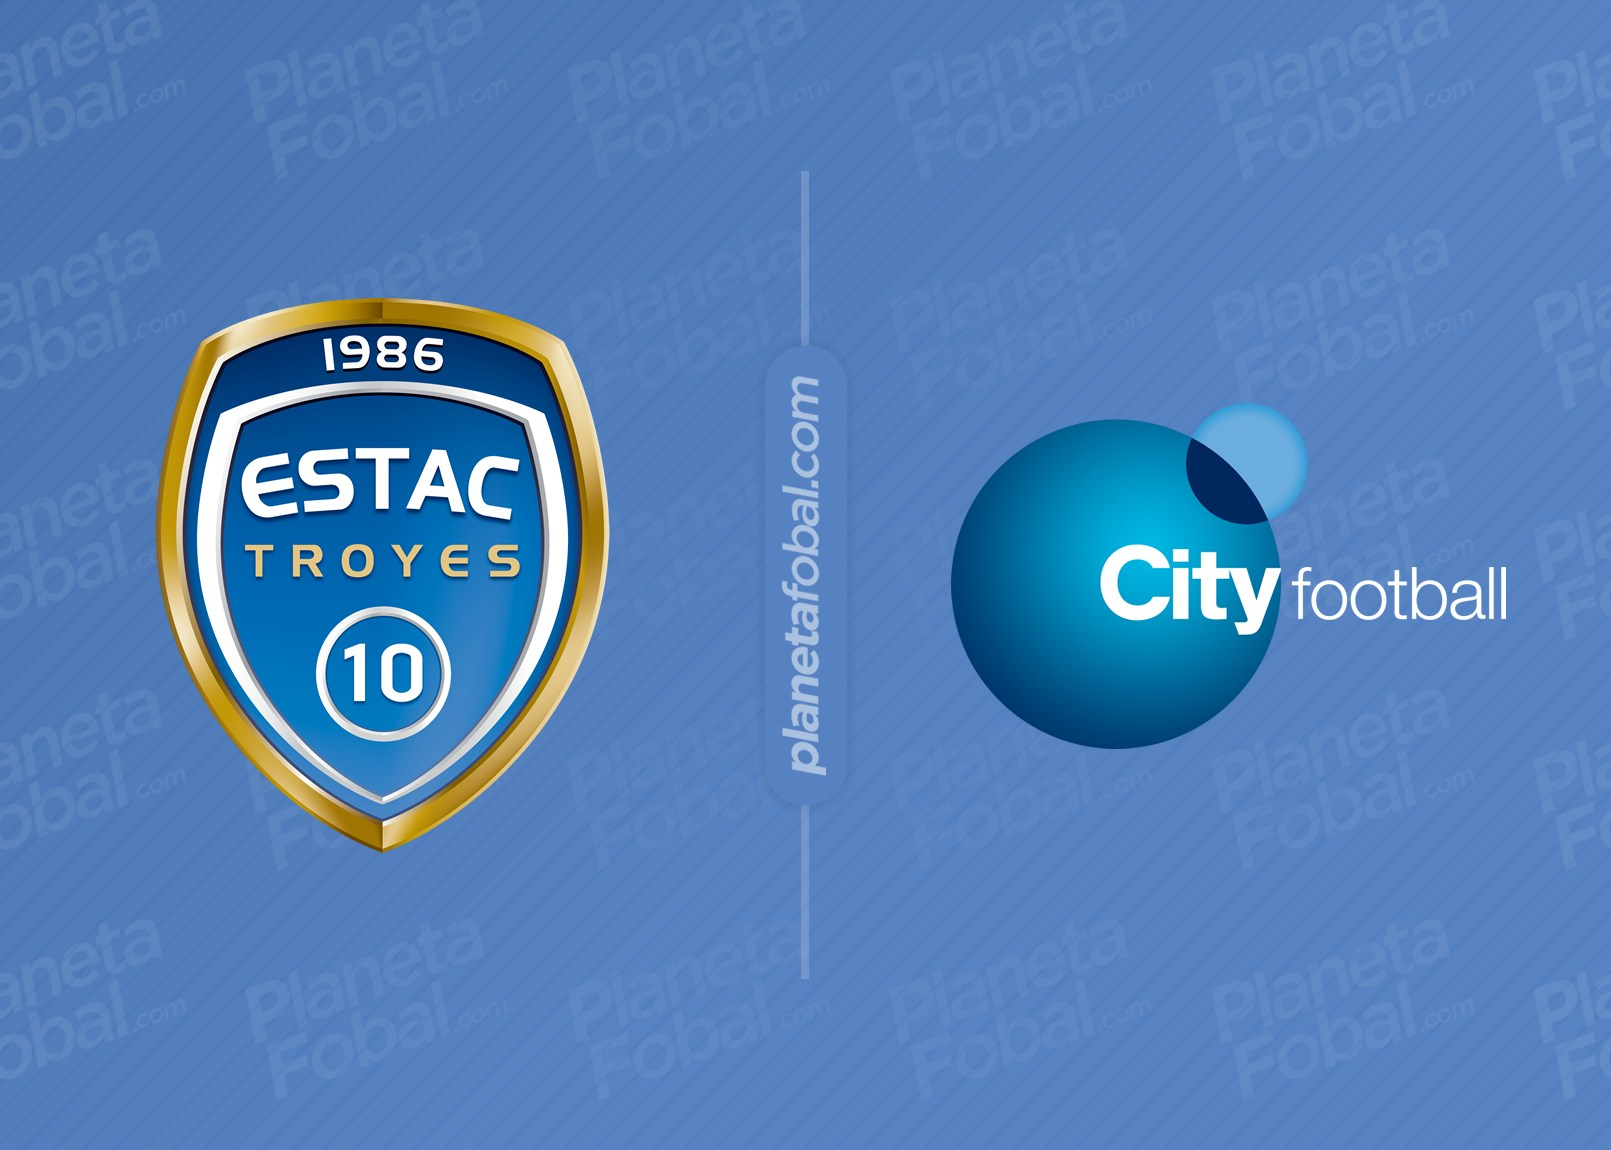 El City Football Group adquiere el ESTAC Troyes de Francia